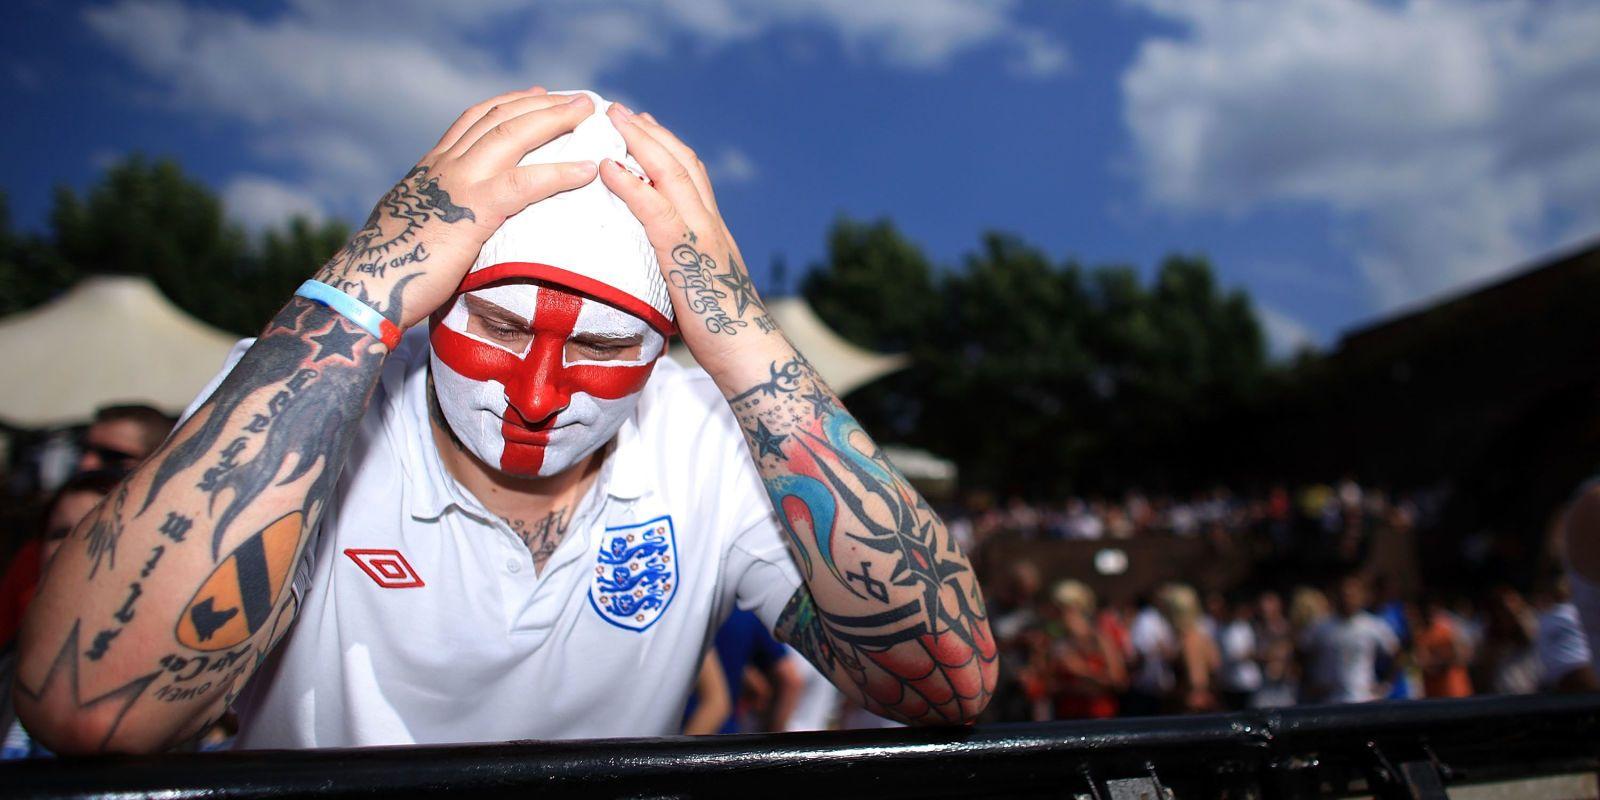 Miedo a los cuartos de final: ¿por qué los ingleses quieren perder contra Bélgica?